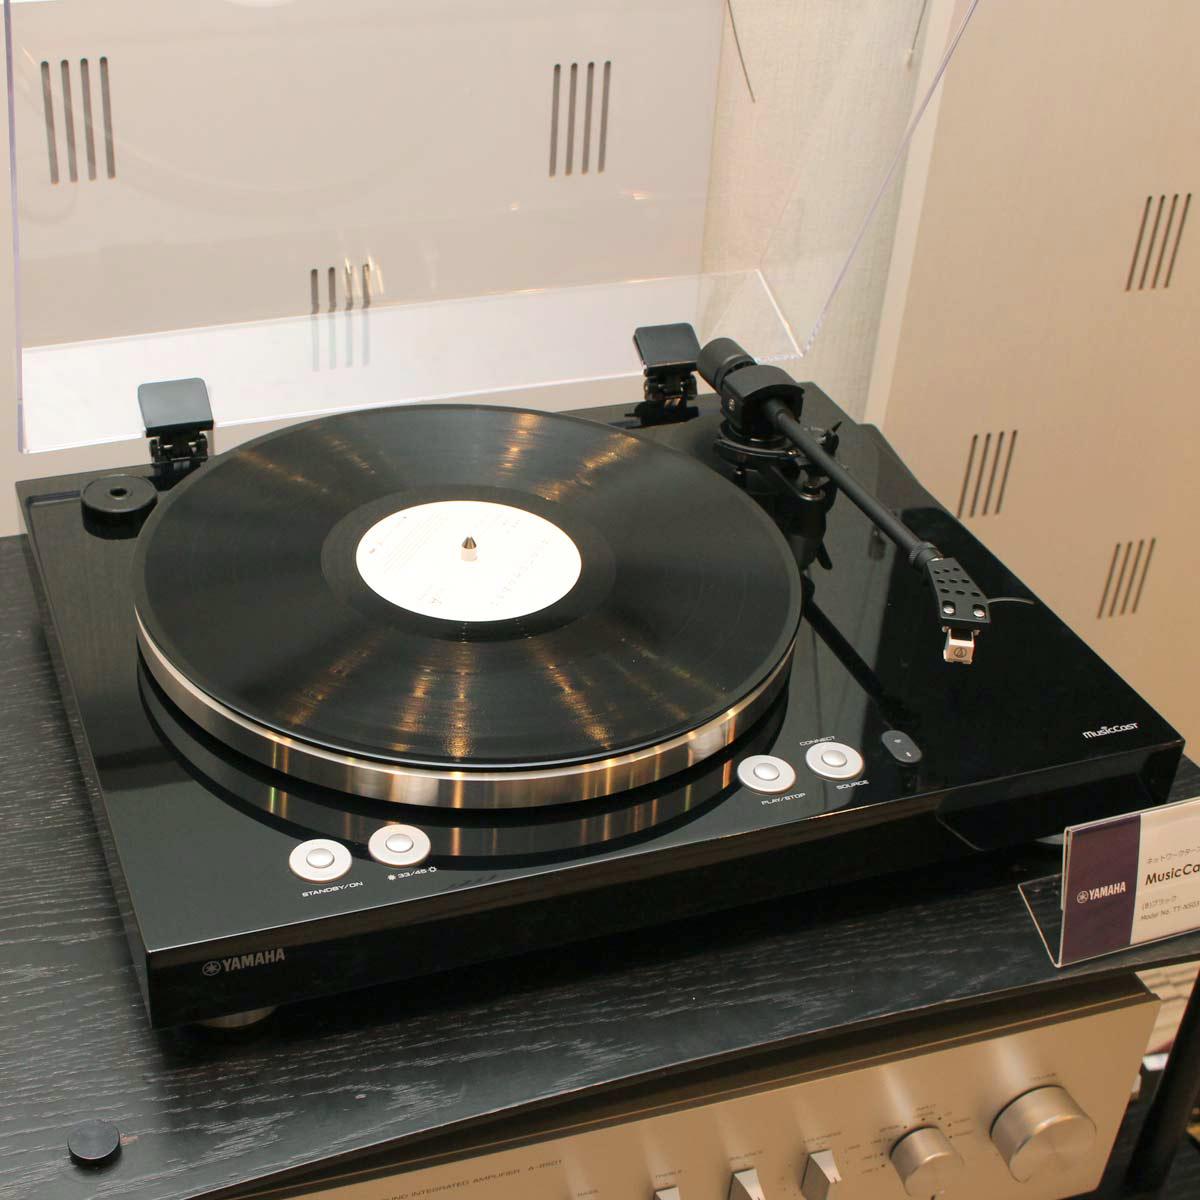 ヤマハからWi-Fiレコードプレーヤー「TT-N503」誕生! ネットワークハイレゾ再生も